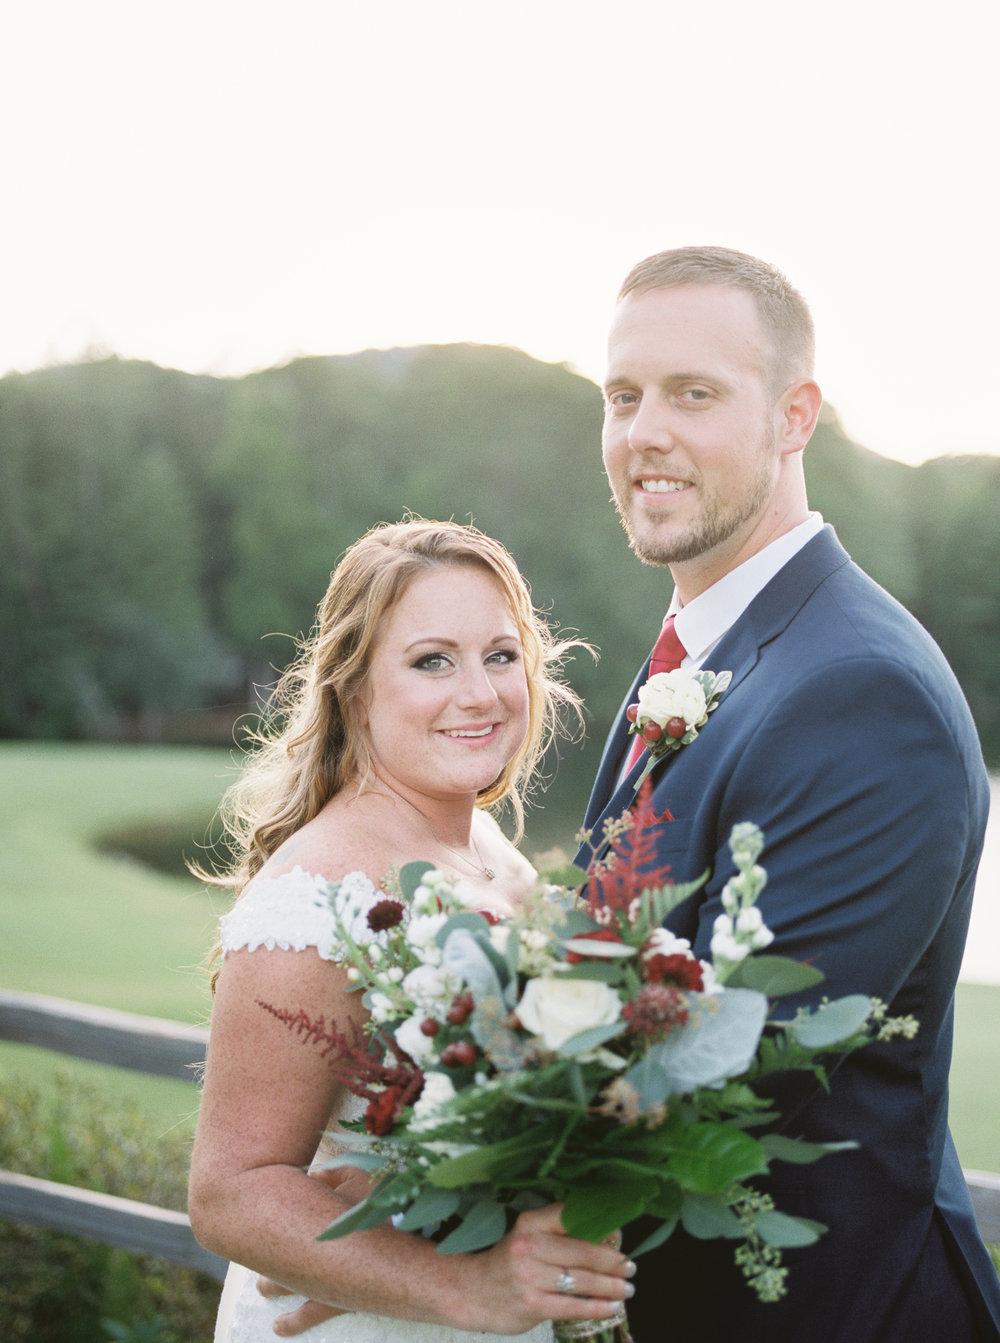 ashleybilly-wedding-sunset-christinadavisphoto62.jpg